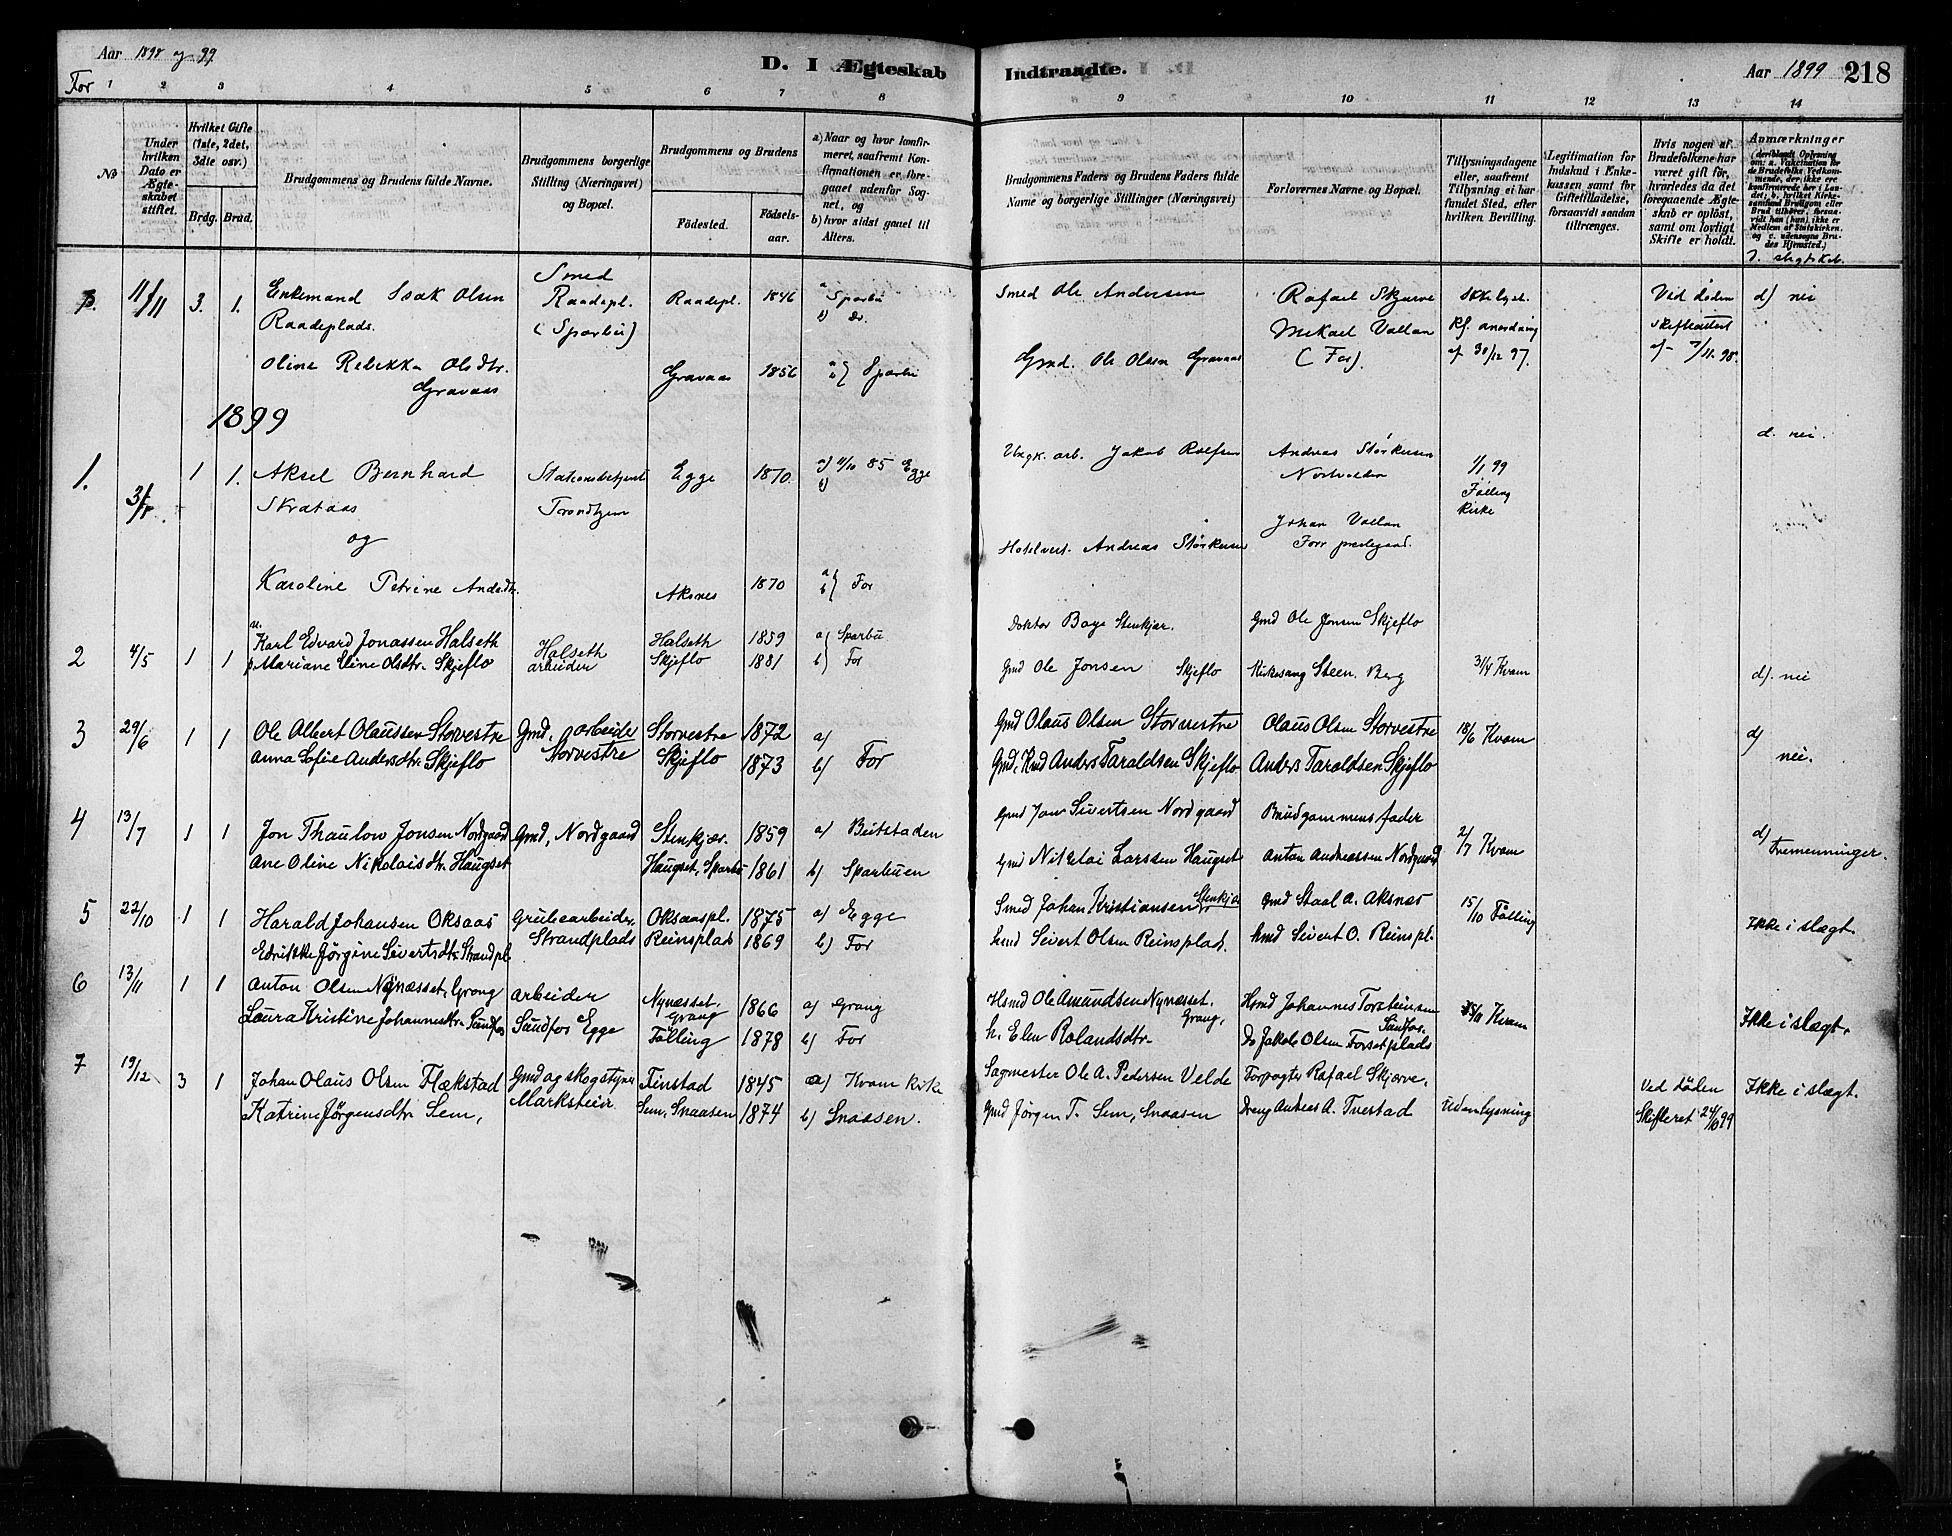 SAT, Ministerialprotokoller, klokkerbøker og fødselsregistre - Nord-Trøndelag, 746/L0448: Ministerialbok nr. 746A07 /1, 1878-1900, s. 218